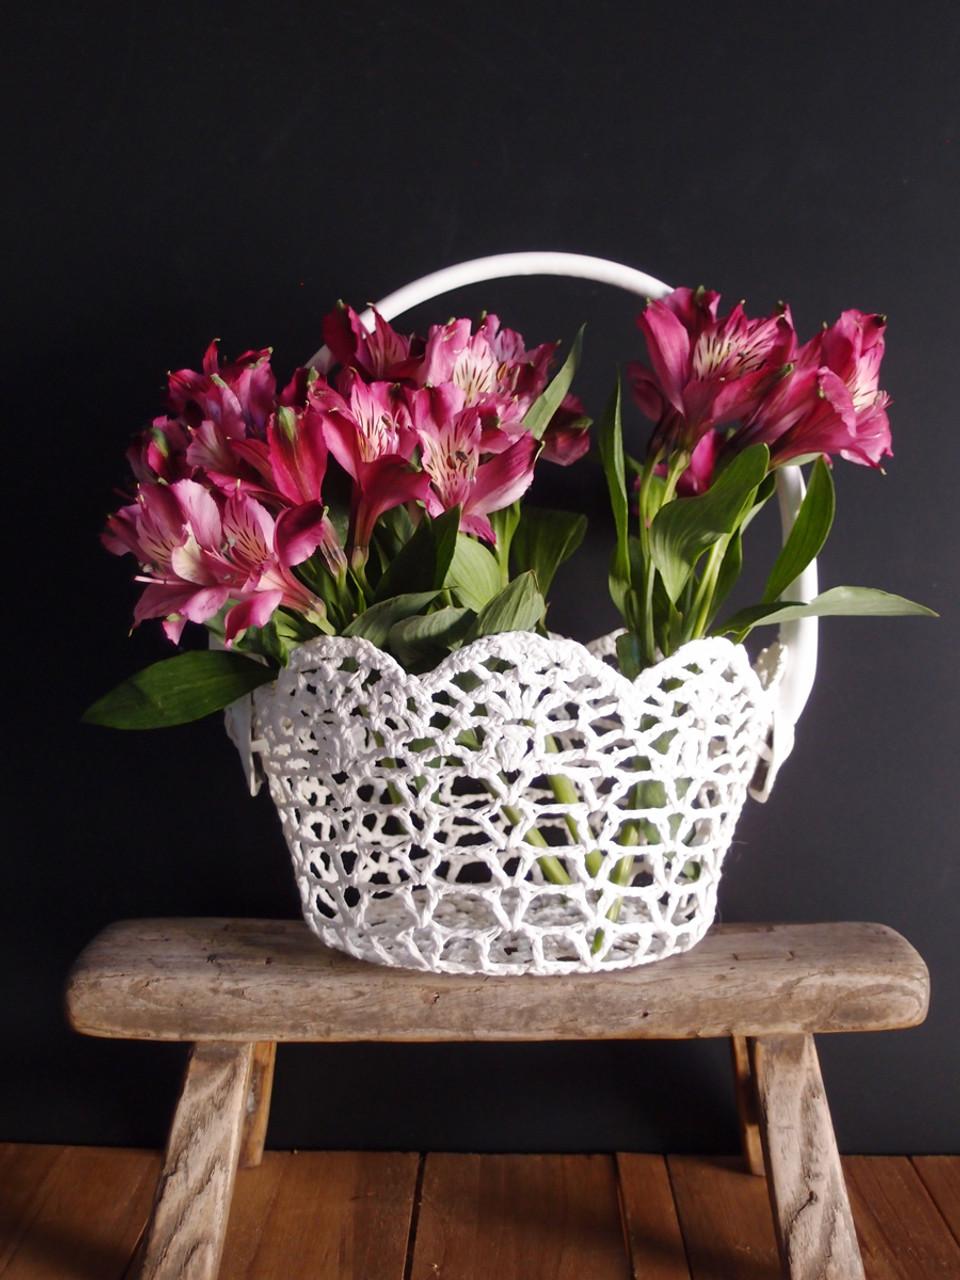 Stiffened Lace Basket, Wholesale Floral Lace Baskets, Wholesale Gift Packaging | Packaging Decor